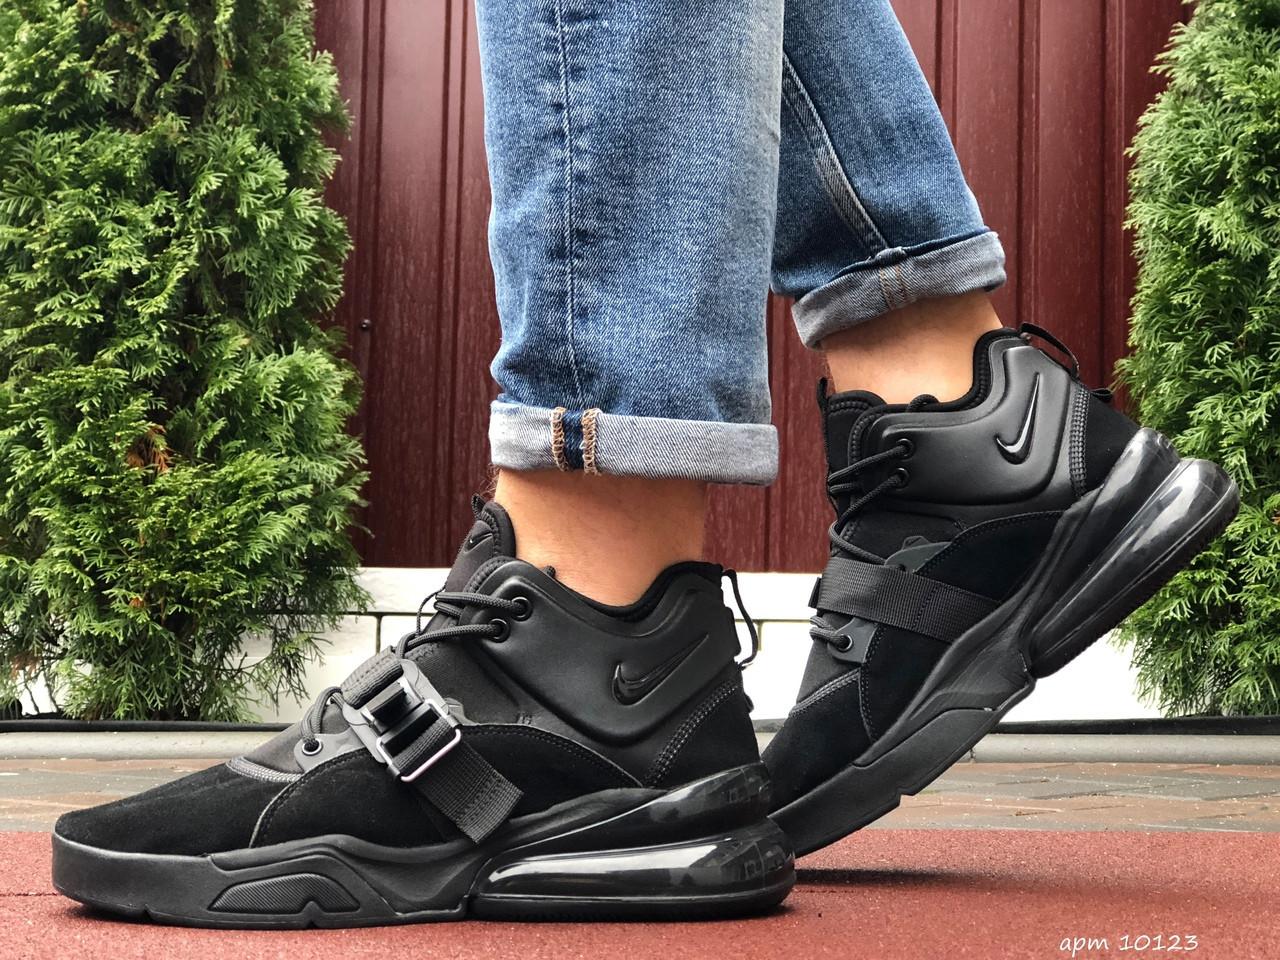 Чоловічі кросівки Nike Air Force 270 (чорні) 10123